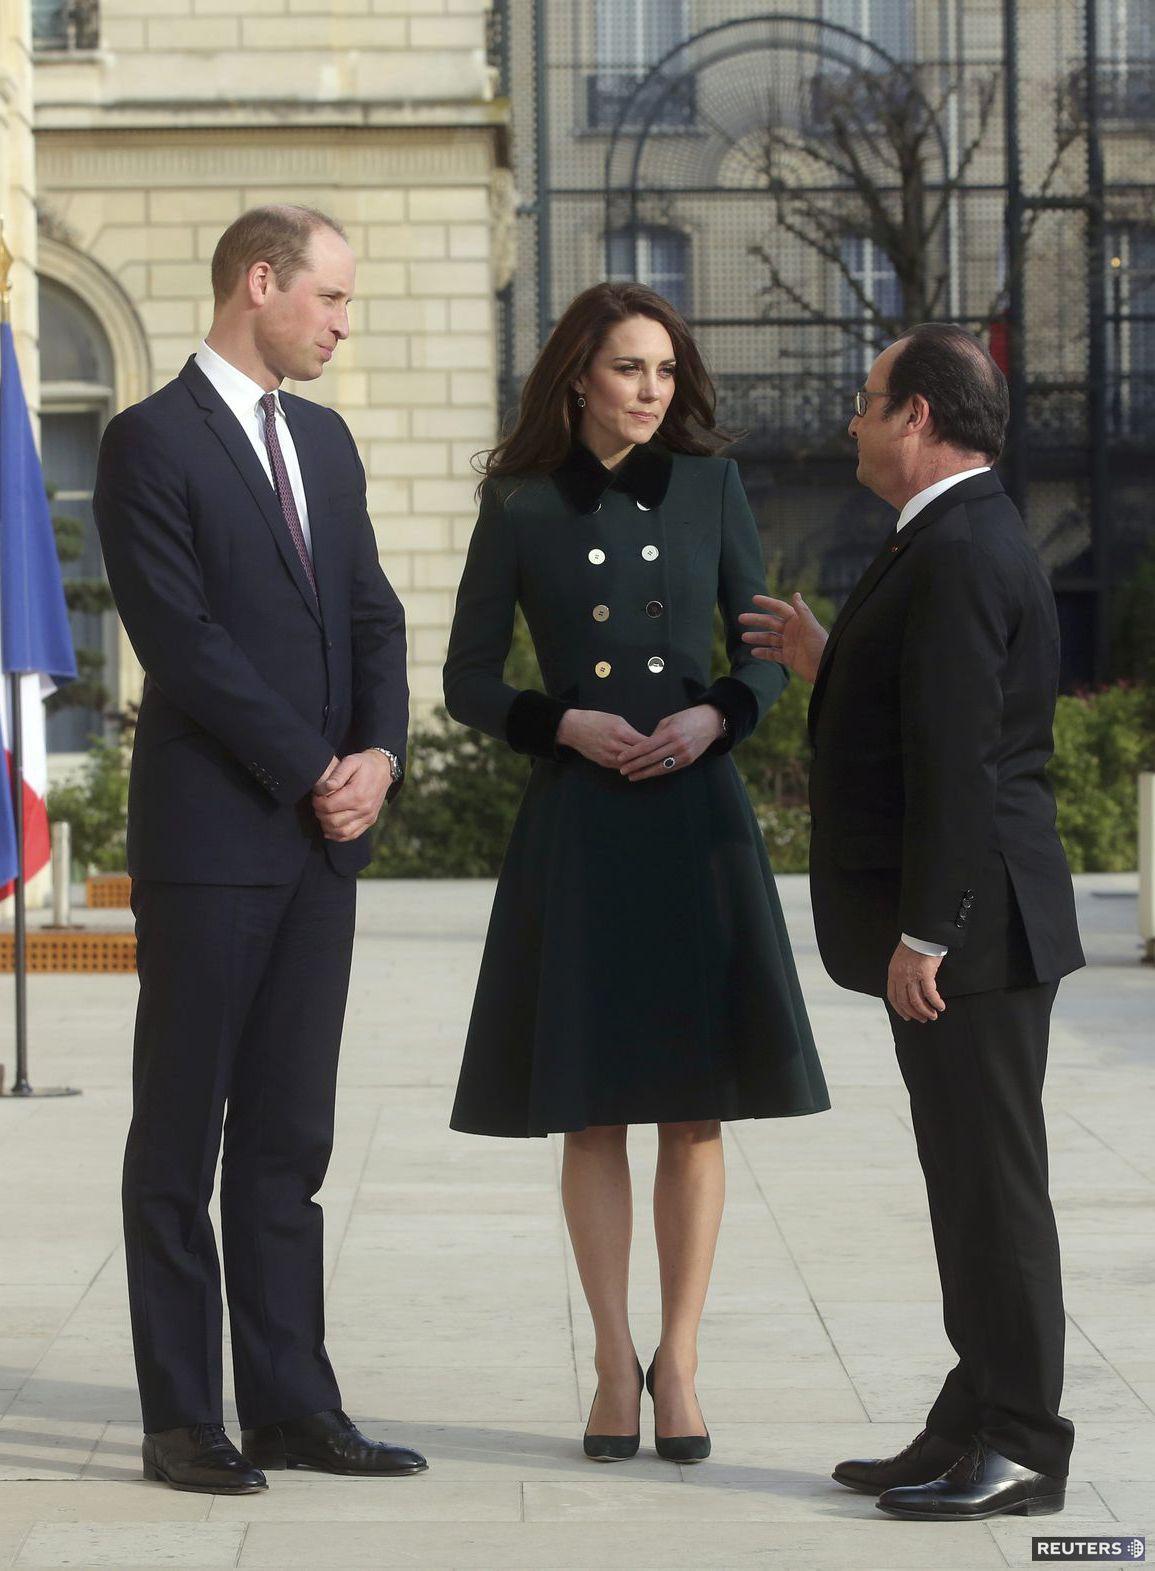 Prezident Francois Hollande v spoločnosti bristkého kráľovského páru v Paríži.